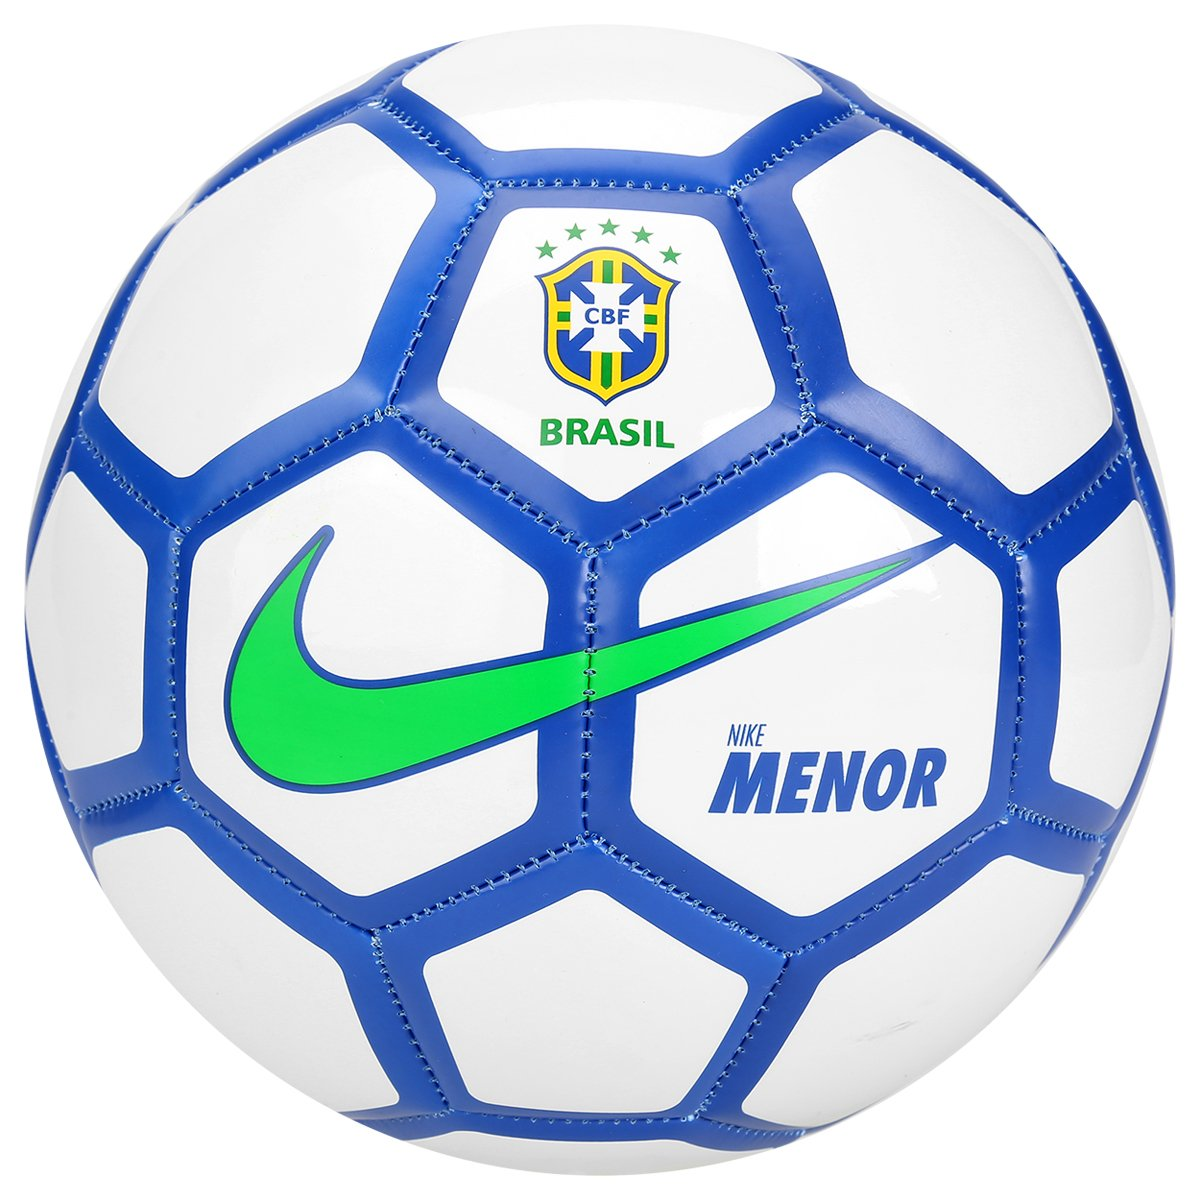 Bola futebol nike menor cbf futsal branco e azul for Bolas para piscina de bolas